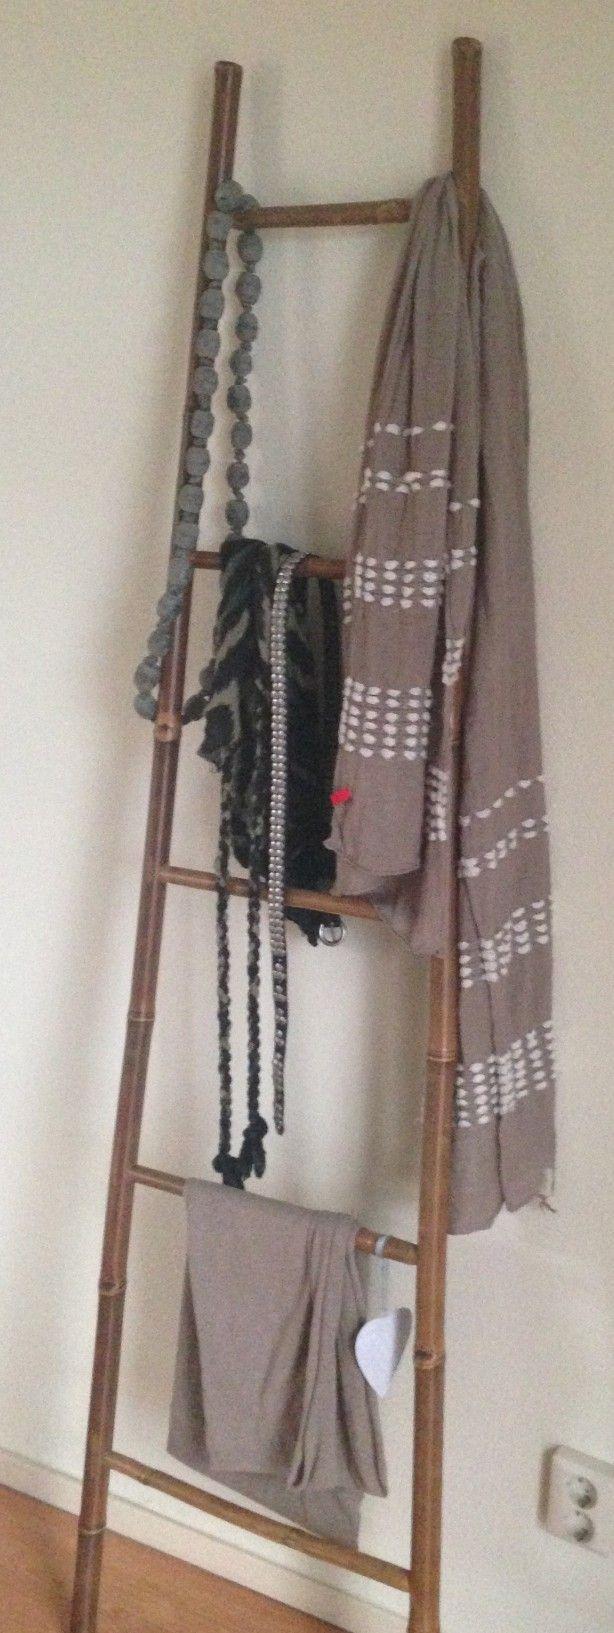 Bamboe ladder met accessoires, sjaals en riemen. Erg leuk voor op de slaapkamer.